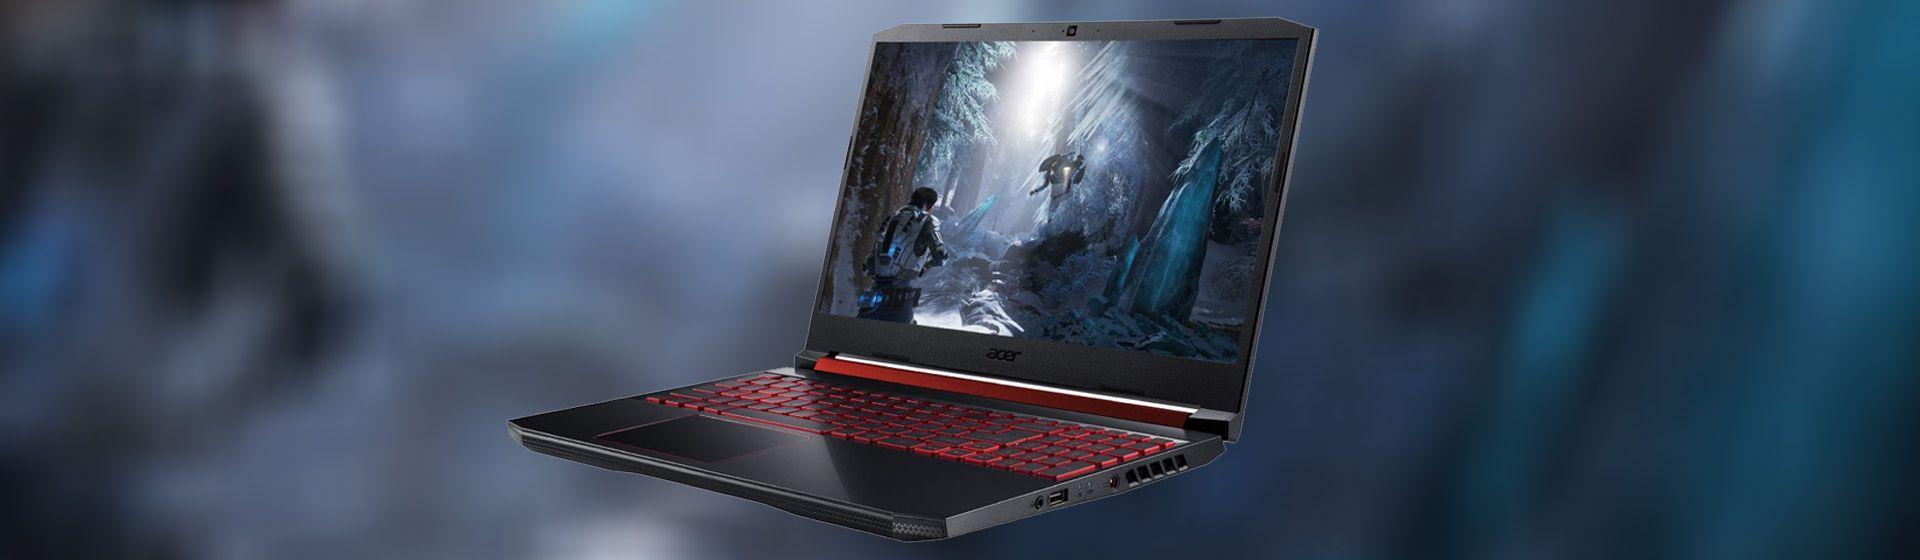 Acer Aspire Nitro 5 (Ryzen 7) é bom? Veja análise do notebook gamer